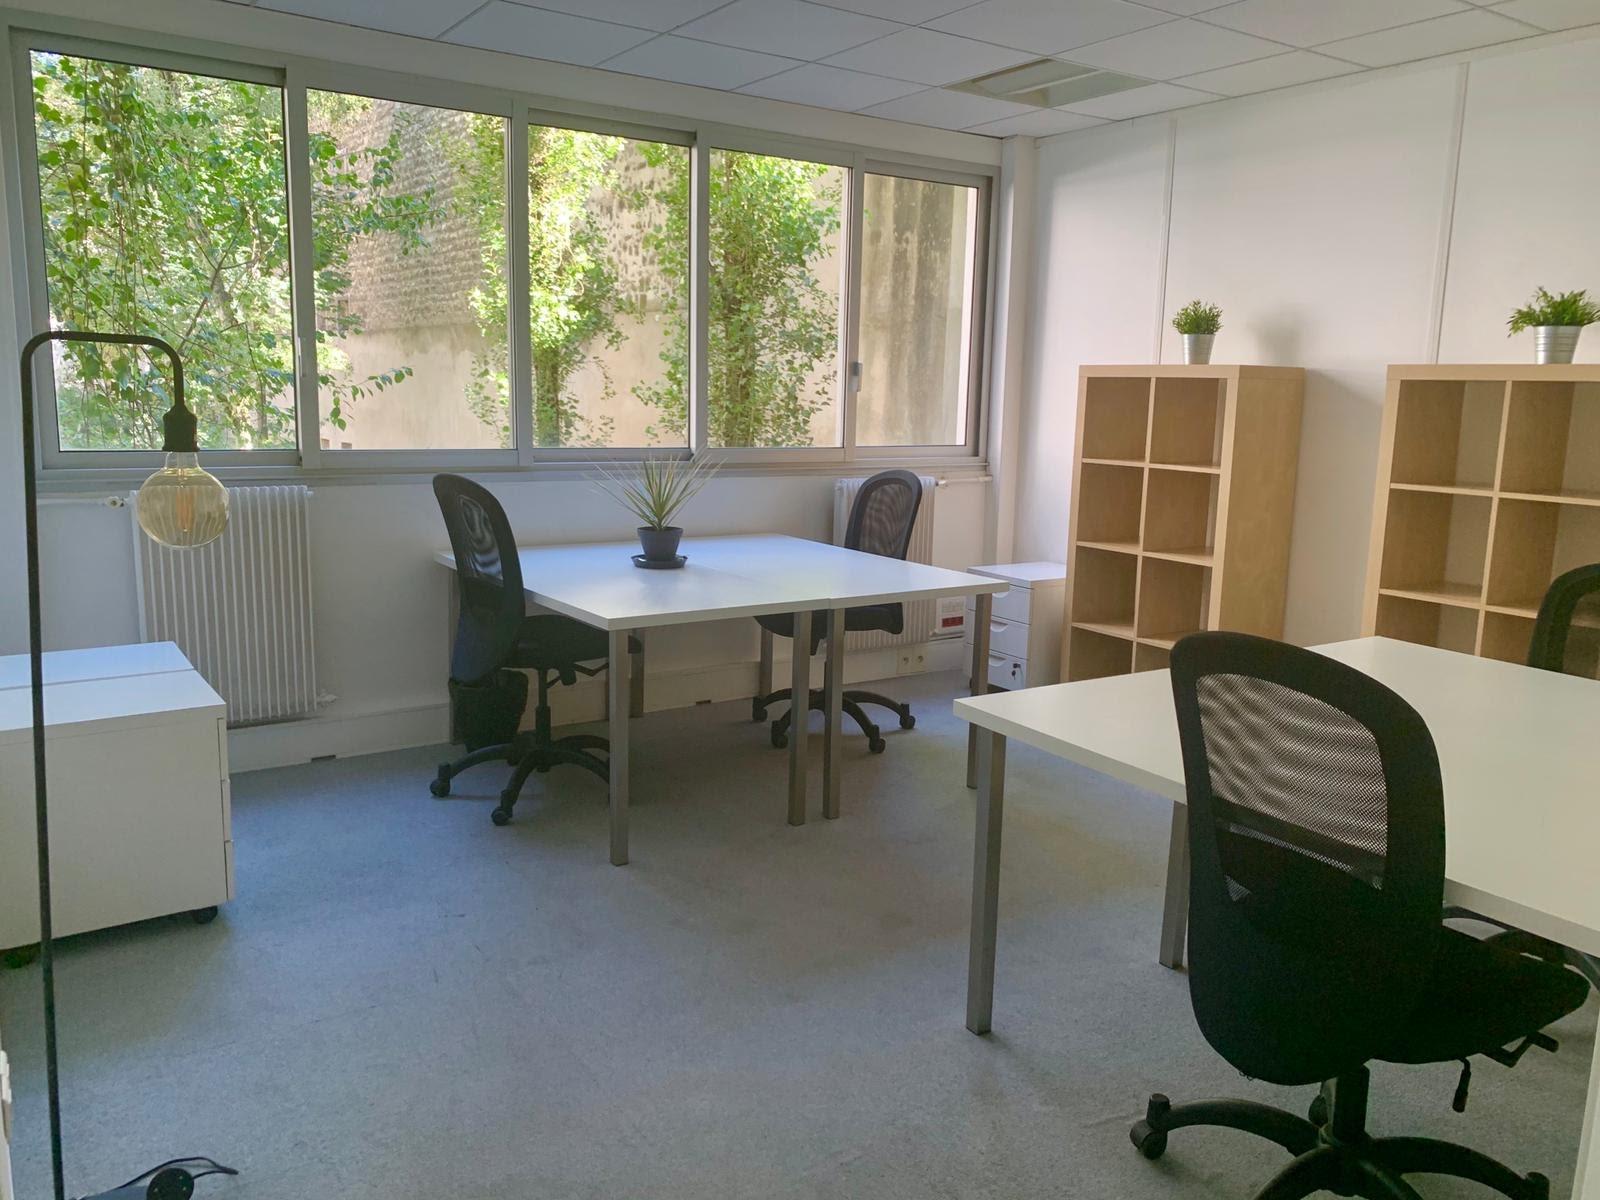 Bureau 2 jardin - 4postes